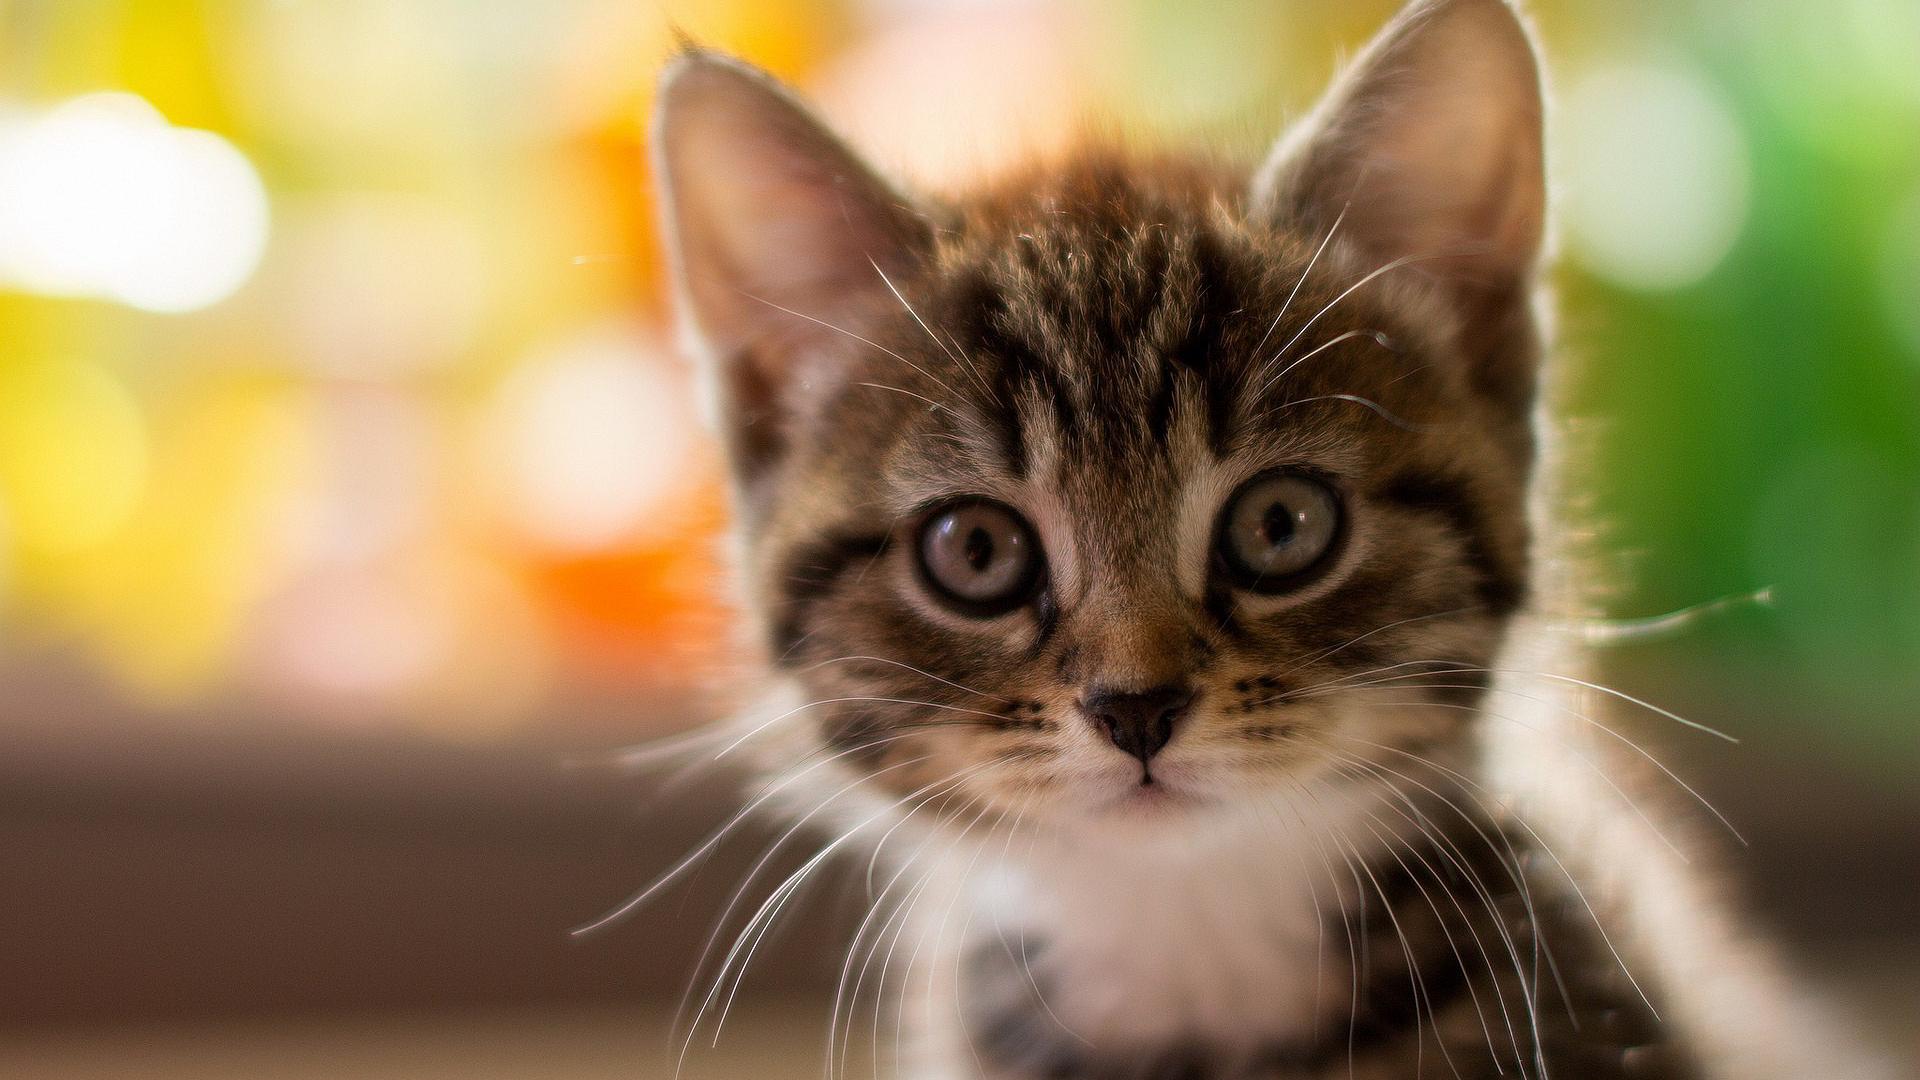 1920x1080 Cute Kitty Laptop Full HD 1080P HD 4k Wallpapers ...